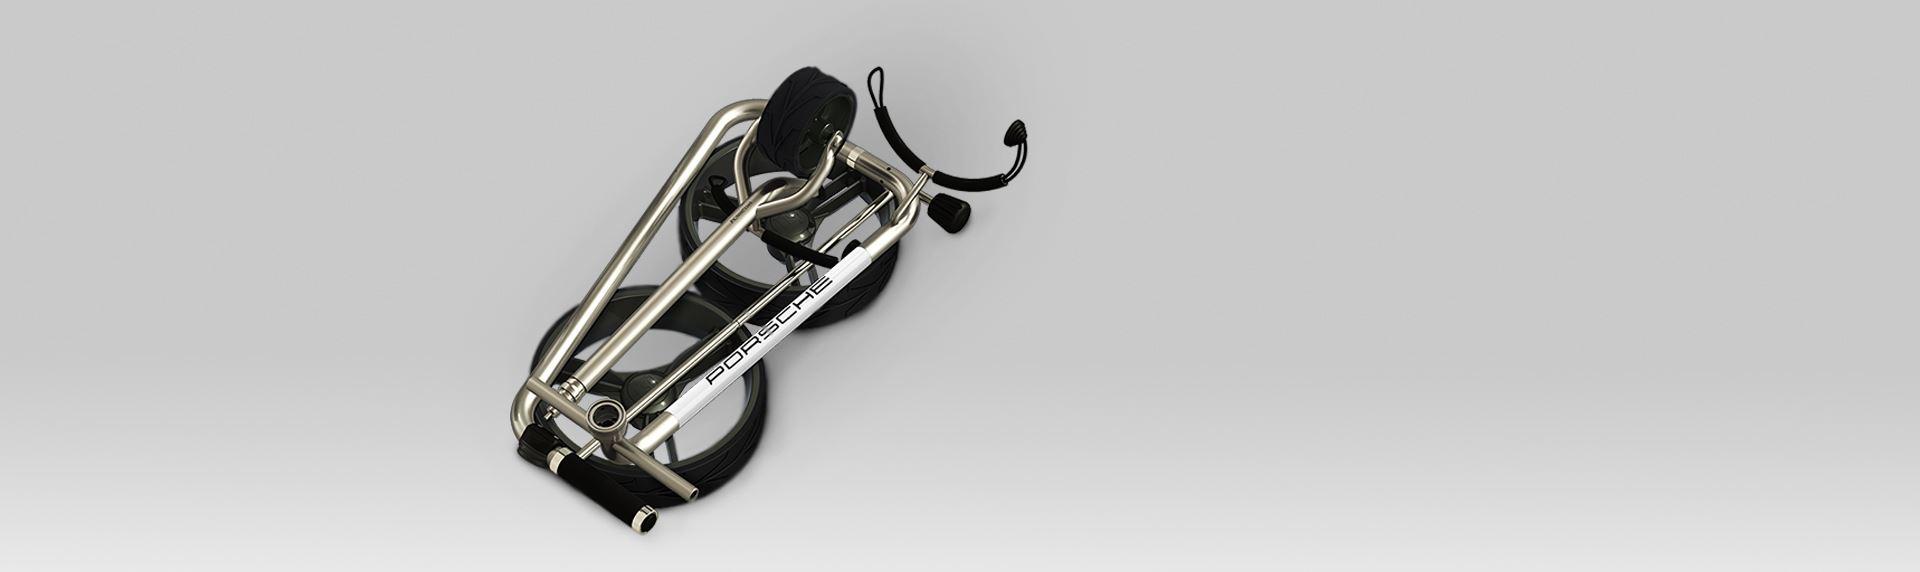 全球体育-高尔夫球包车Golf Cart